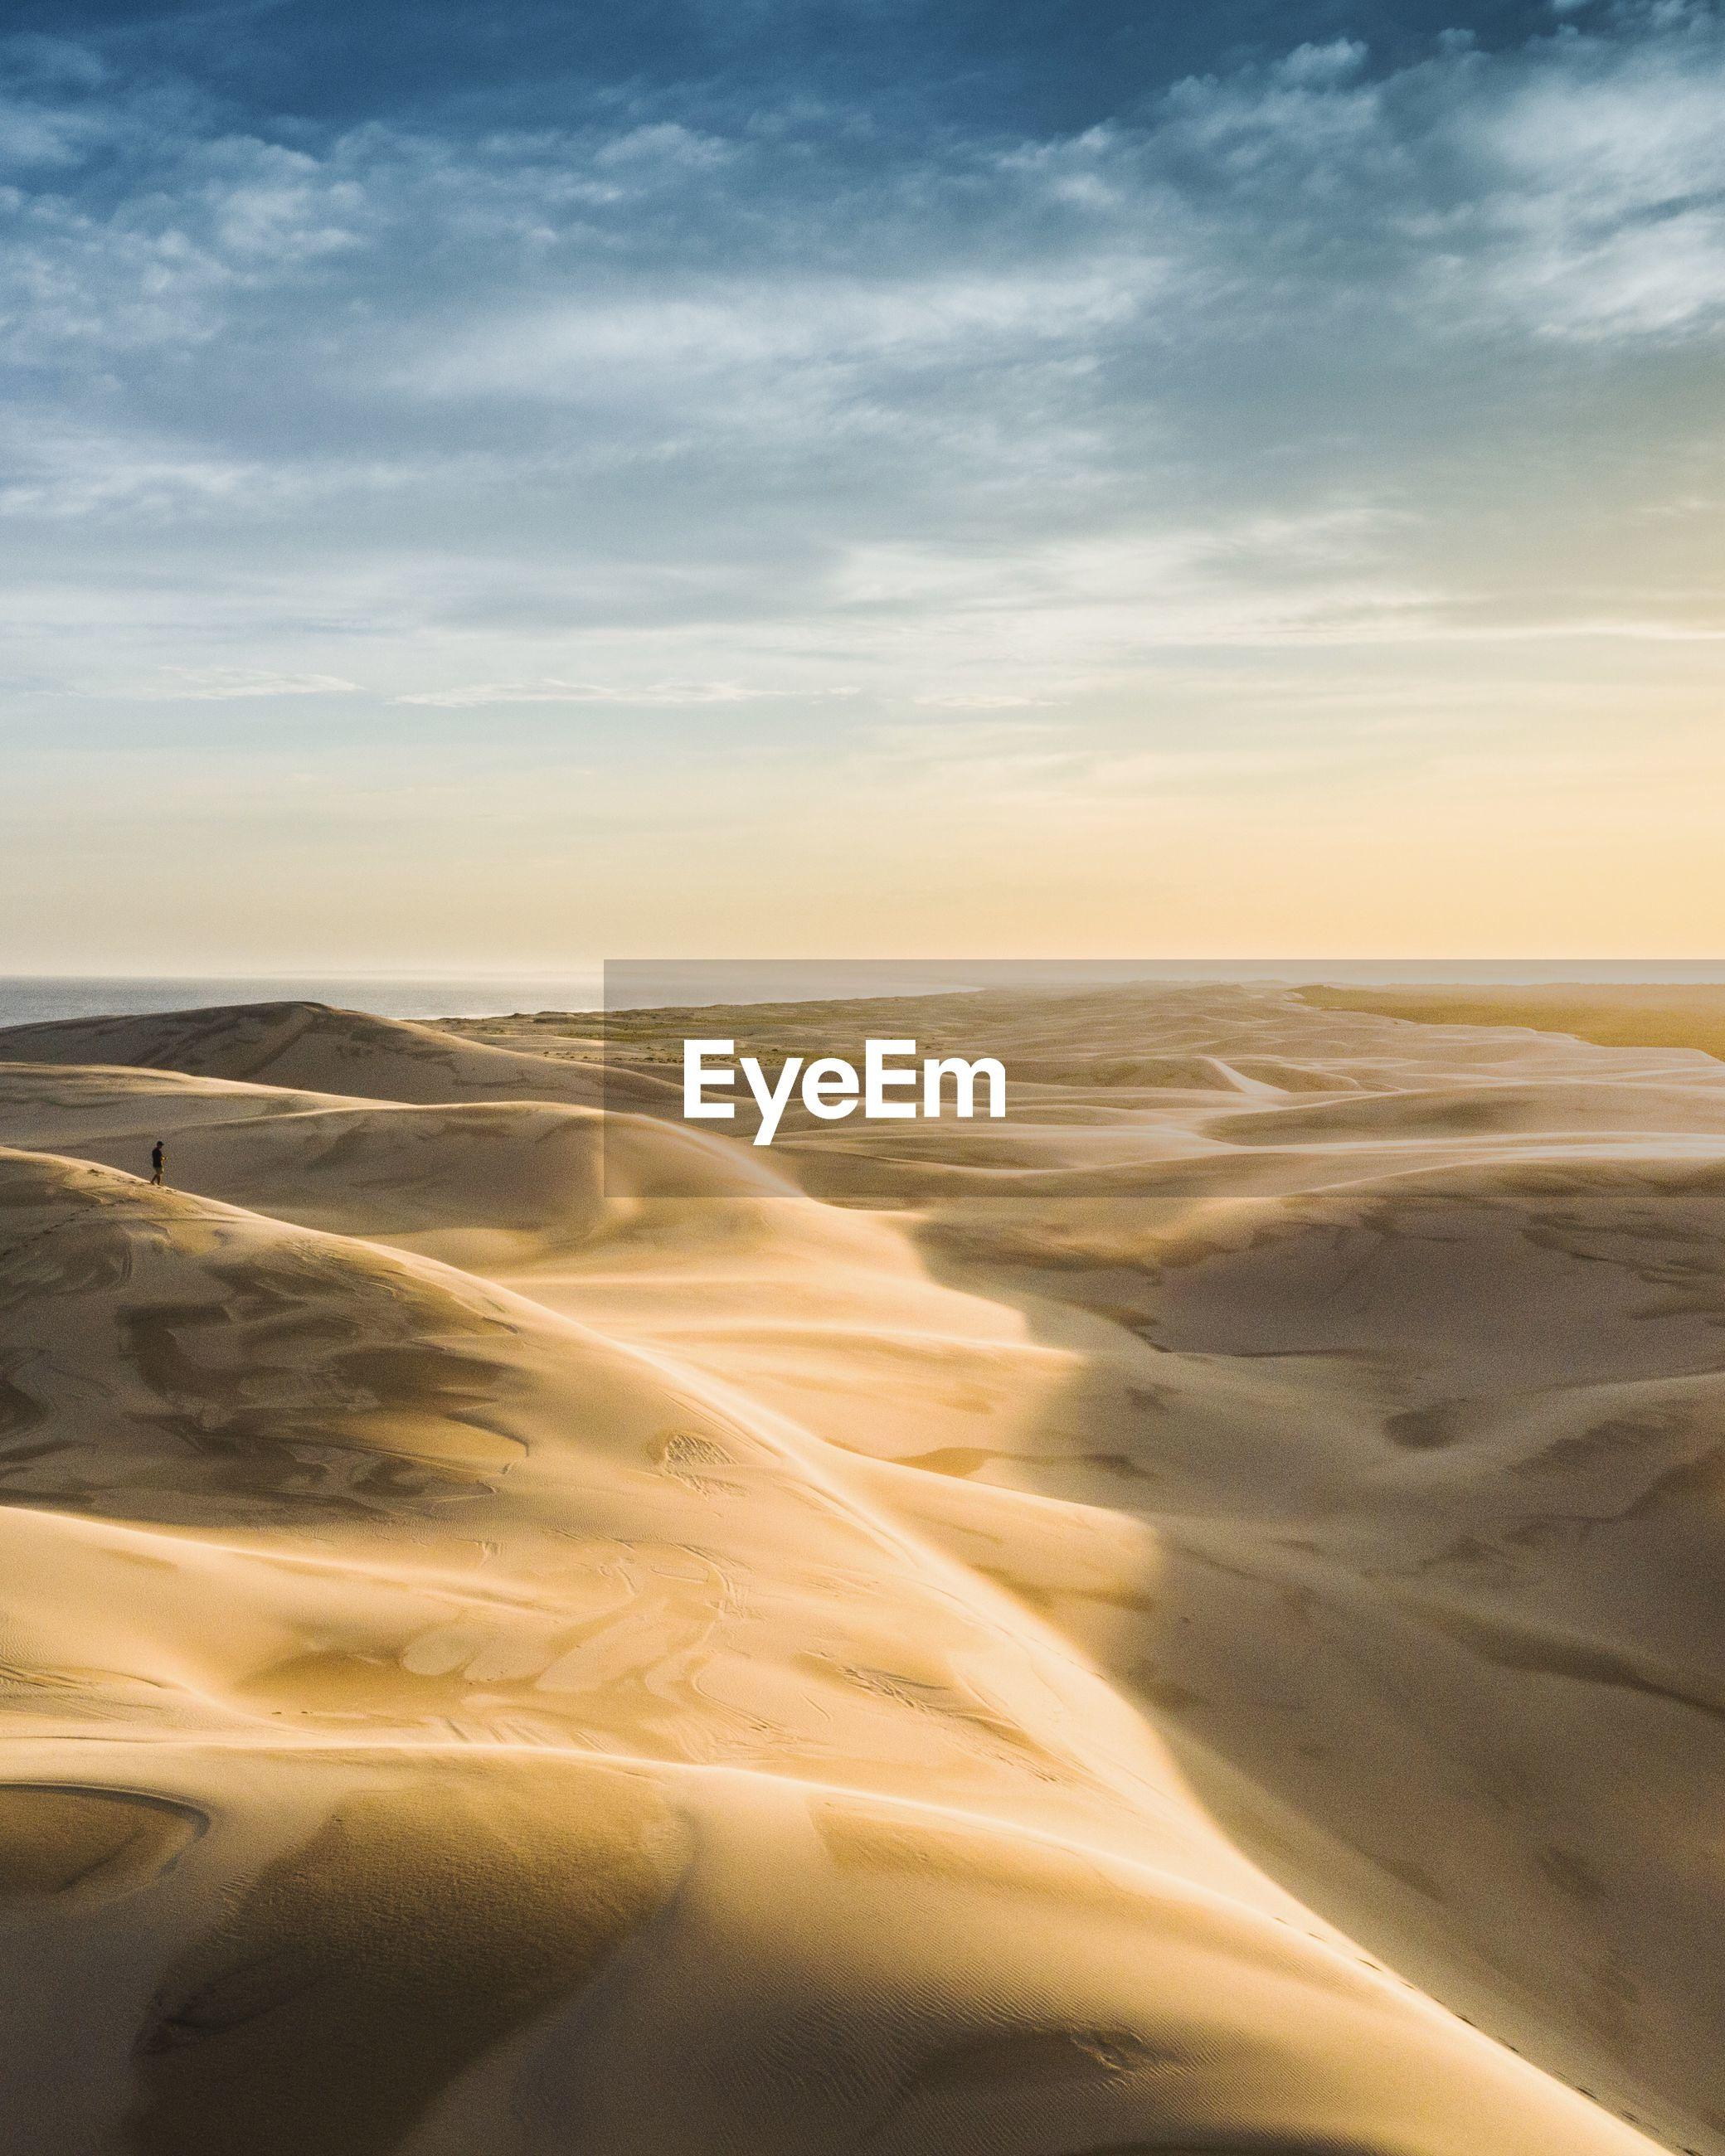 VIEW OF DESERT AGAINST SKY DURING SUNSET